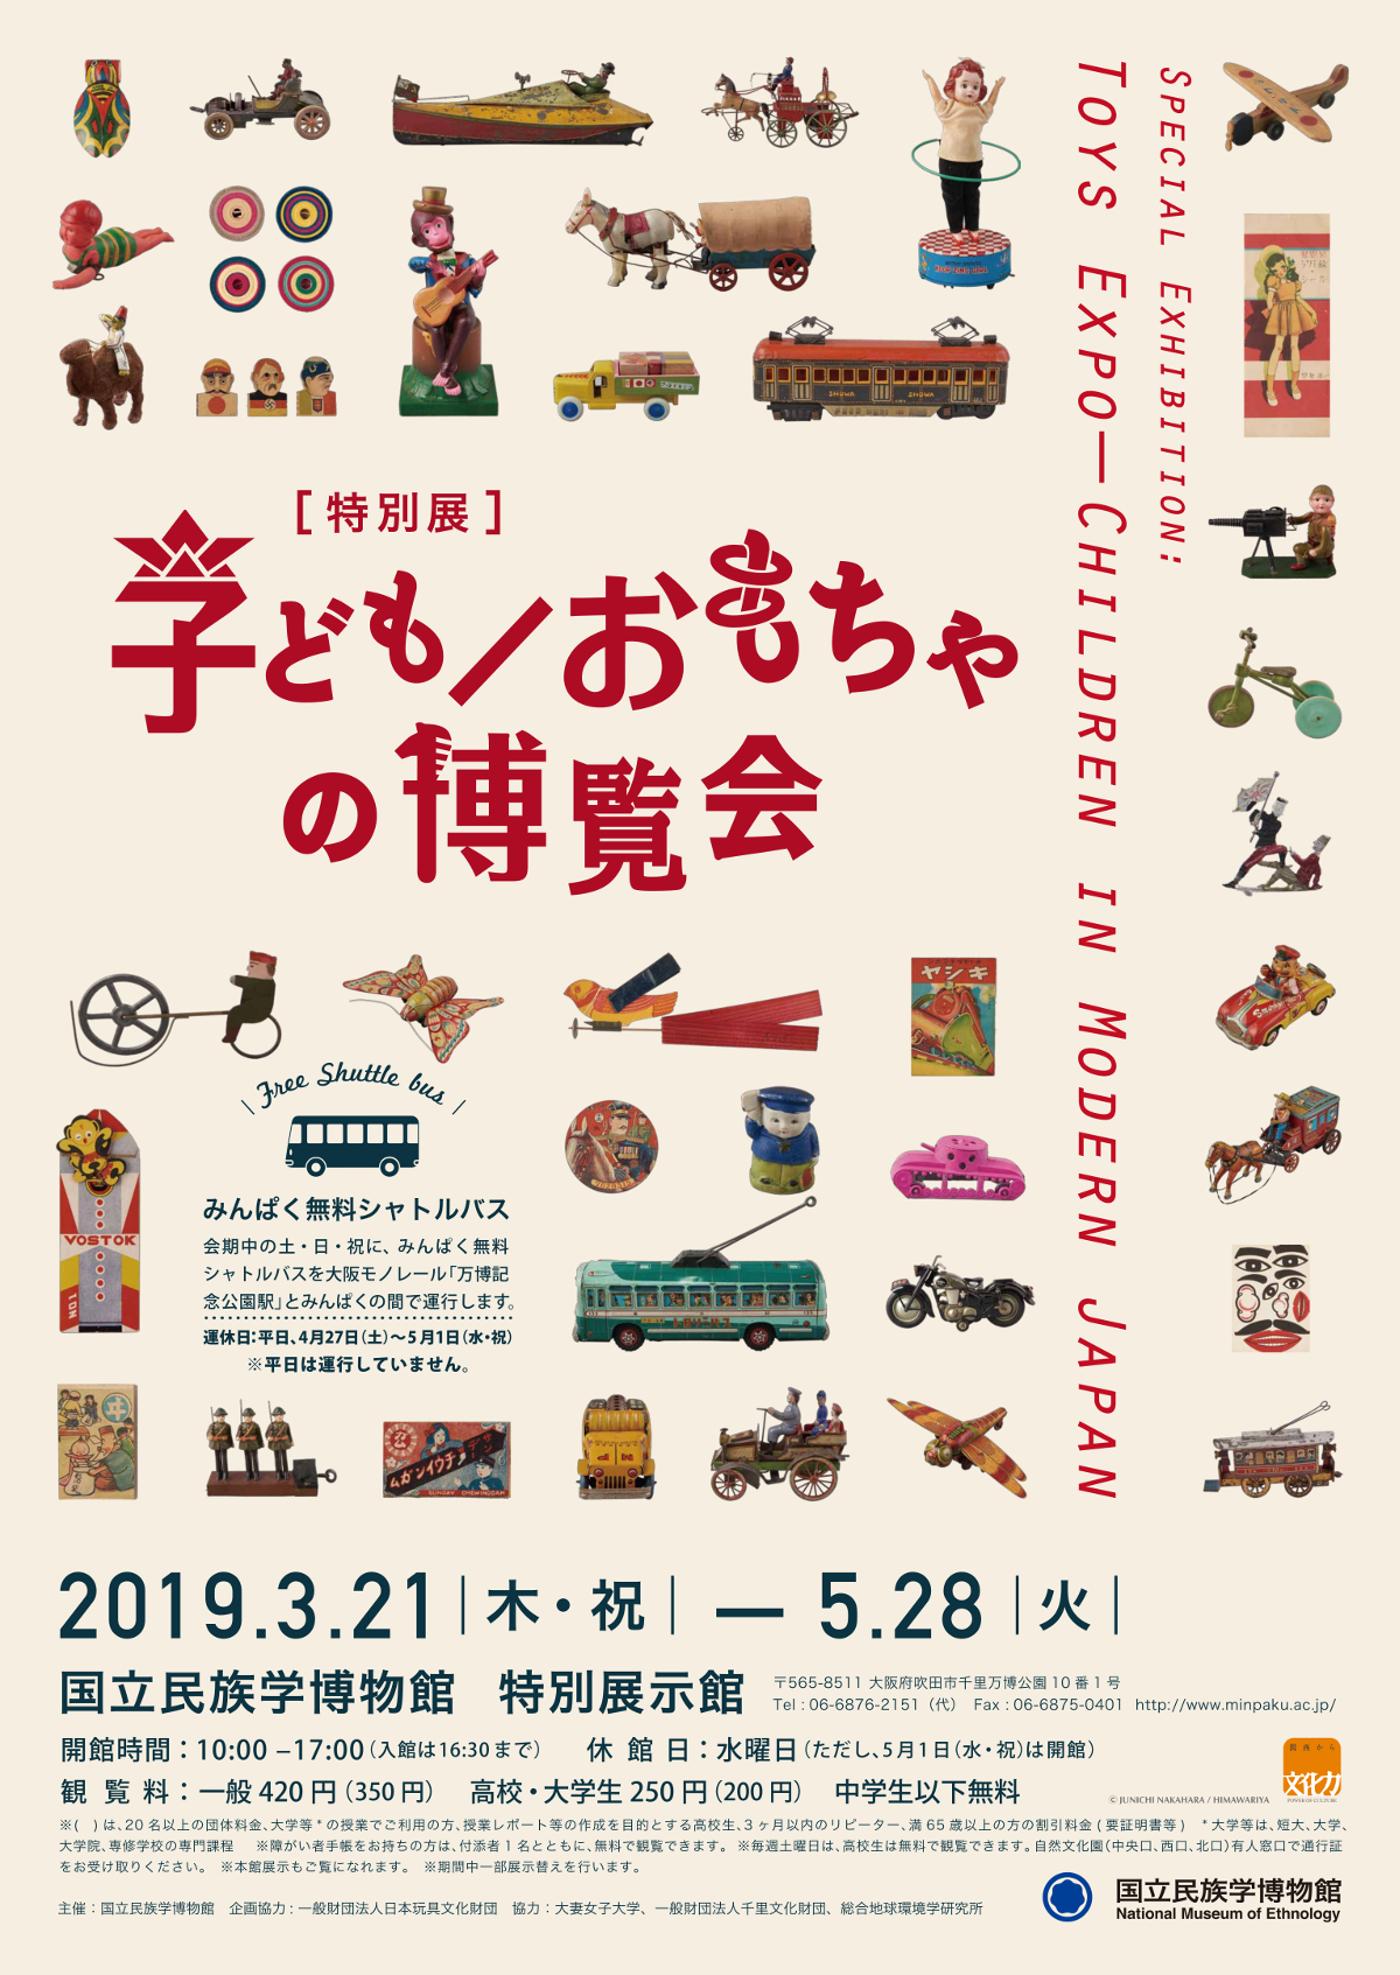 子ども/おもちゃの博覧会ポスター